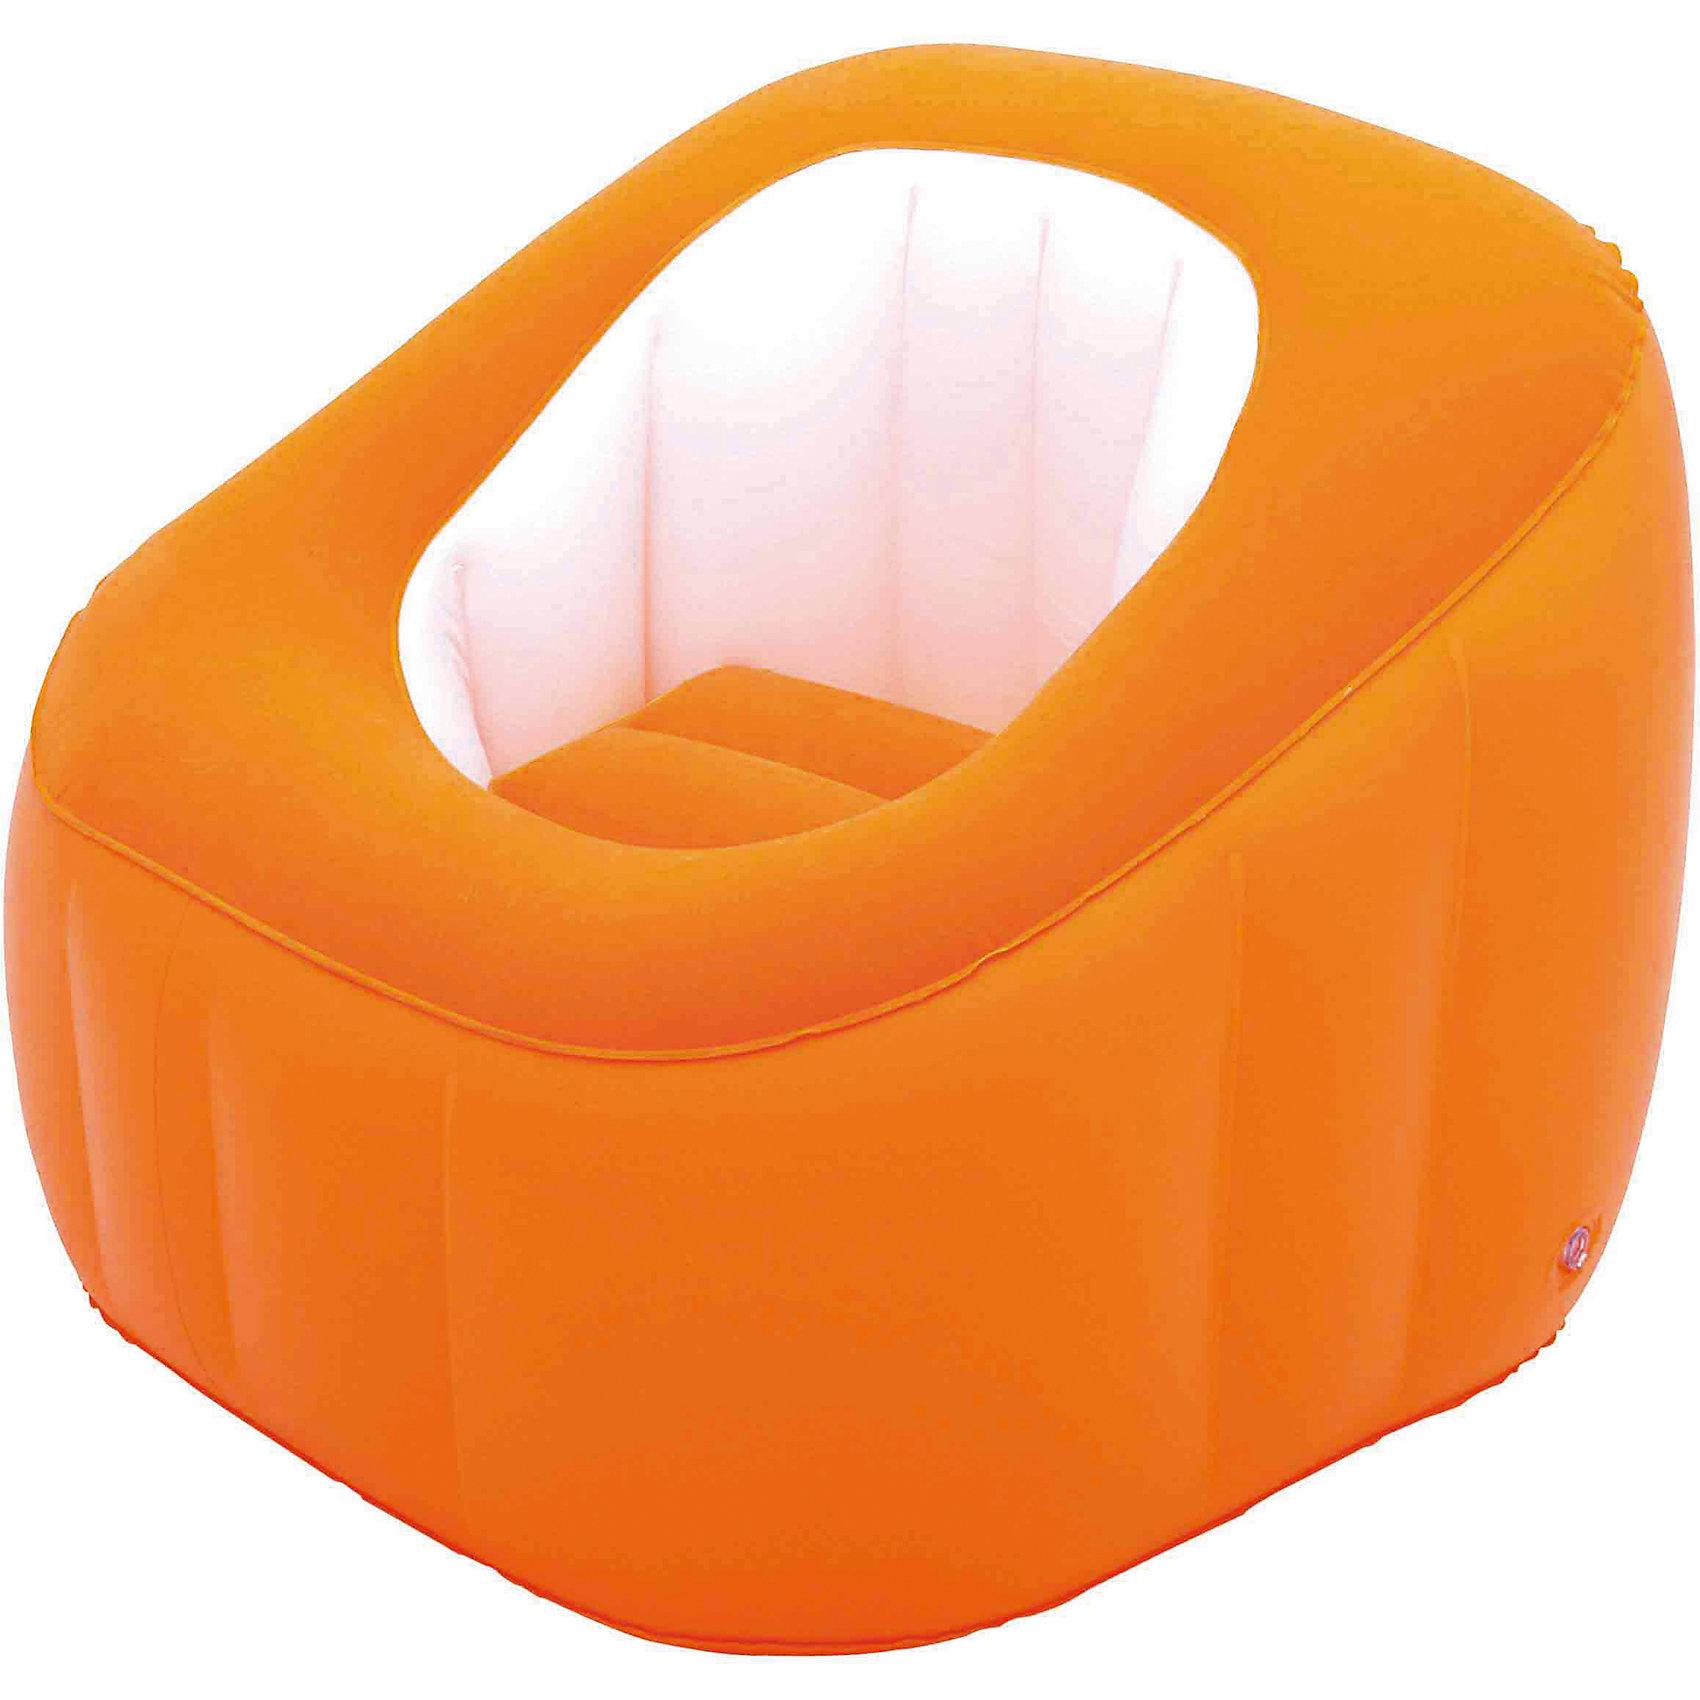 Кресло надувное, 74х74х64 см, оранжевое, BestwayМягкая игровая мебель<br>Кресло надувное, 74х74х64 см, оранжевое, Bestway (Бествей)<br><br>Характеристики:<br><br>• непромокаемый низ<br>• мягкая поверхность<br>• прочные материалы<br>• размер: 74х74х64 см<br>• заплатка в комплекте<br>• материал: ПВХ<br>• цвет: оранжевый<br>• размер упаковки: 29,5х30х7 см<br>• вес: 1,6 кг<br><br>Надувное кресло Bestway прекрасно впишется в интерьер комнаты и подойдет для отдыха на природе. Мягкая поверхность позволит вам расположиться с комфортом в любой обстановке. Непромокаемый низ пригодится для отдыха на свежем воздухе. Размер кресла - 74х64 сантиметра.<br><br>Кресло надувное, 74х74х64 см, оранжевое, Bestway (Бествей) можно купить в нашем интернет-магазине.<br><br>Ширина мм: 450<br>Глубина мм: 305<br>Высота мм: 310<br>Вес г: 1606<br>Возраст от месяцев: 72<br>Возраст до месяцев: 2147483647<br>Пол: Унисекс<br>Возраст: Детский<br>SKU: 5486954